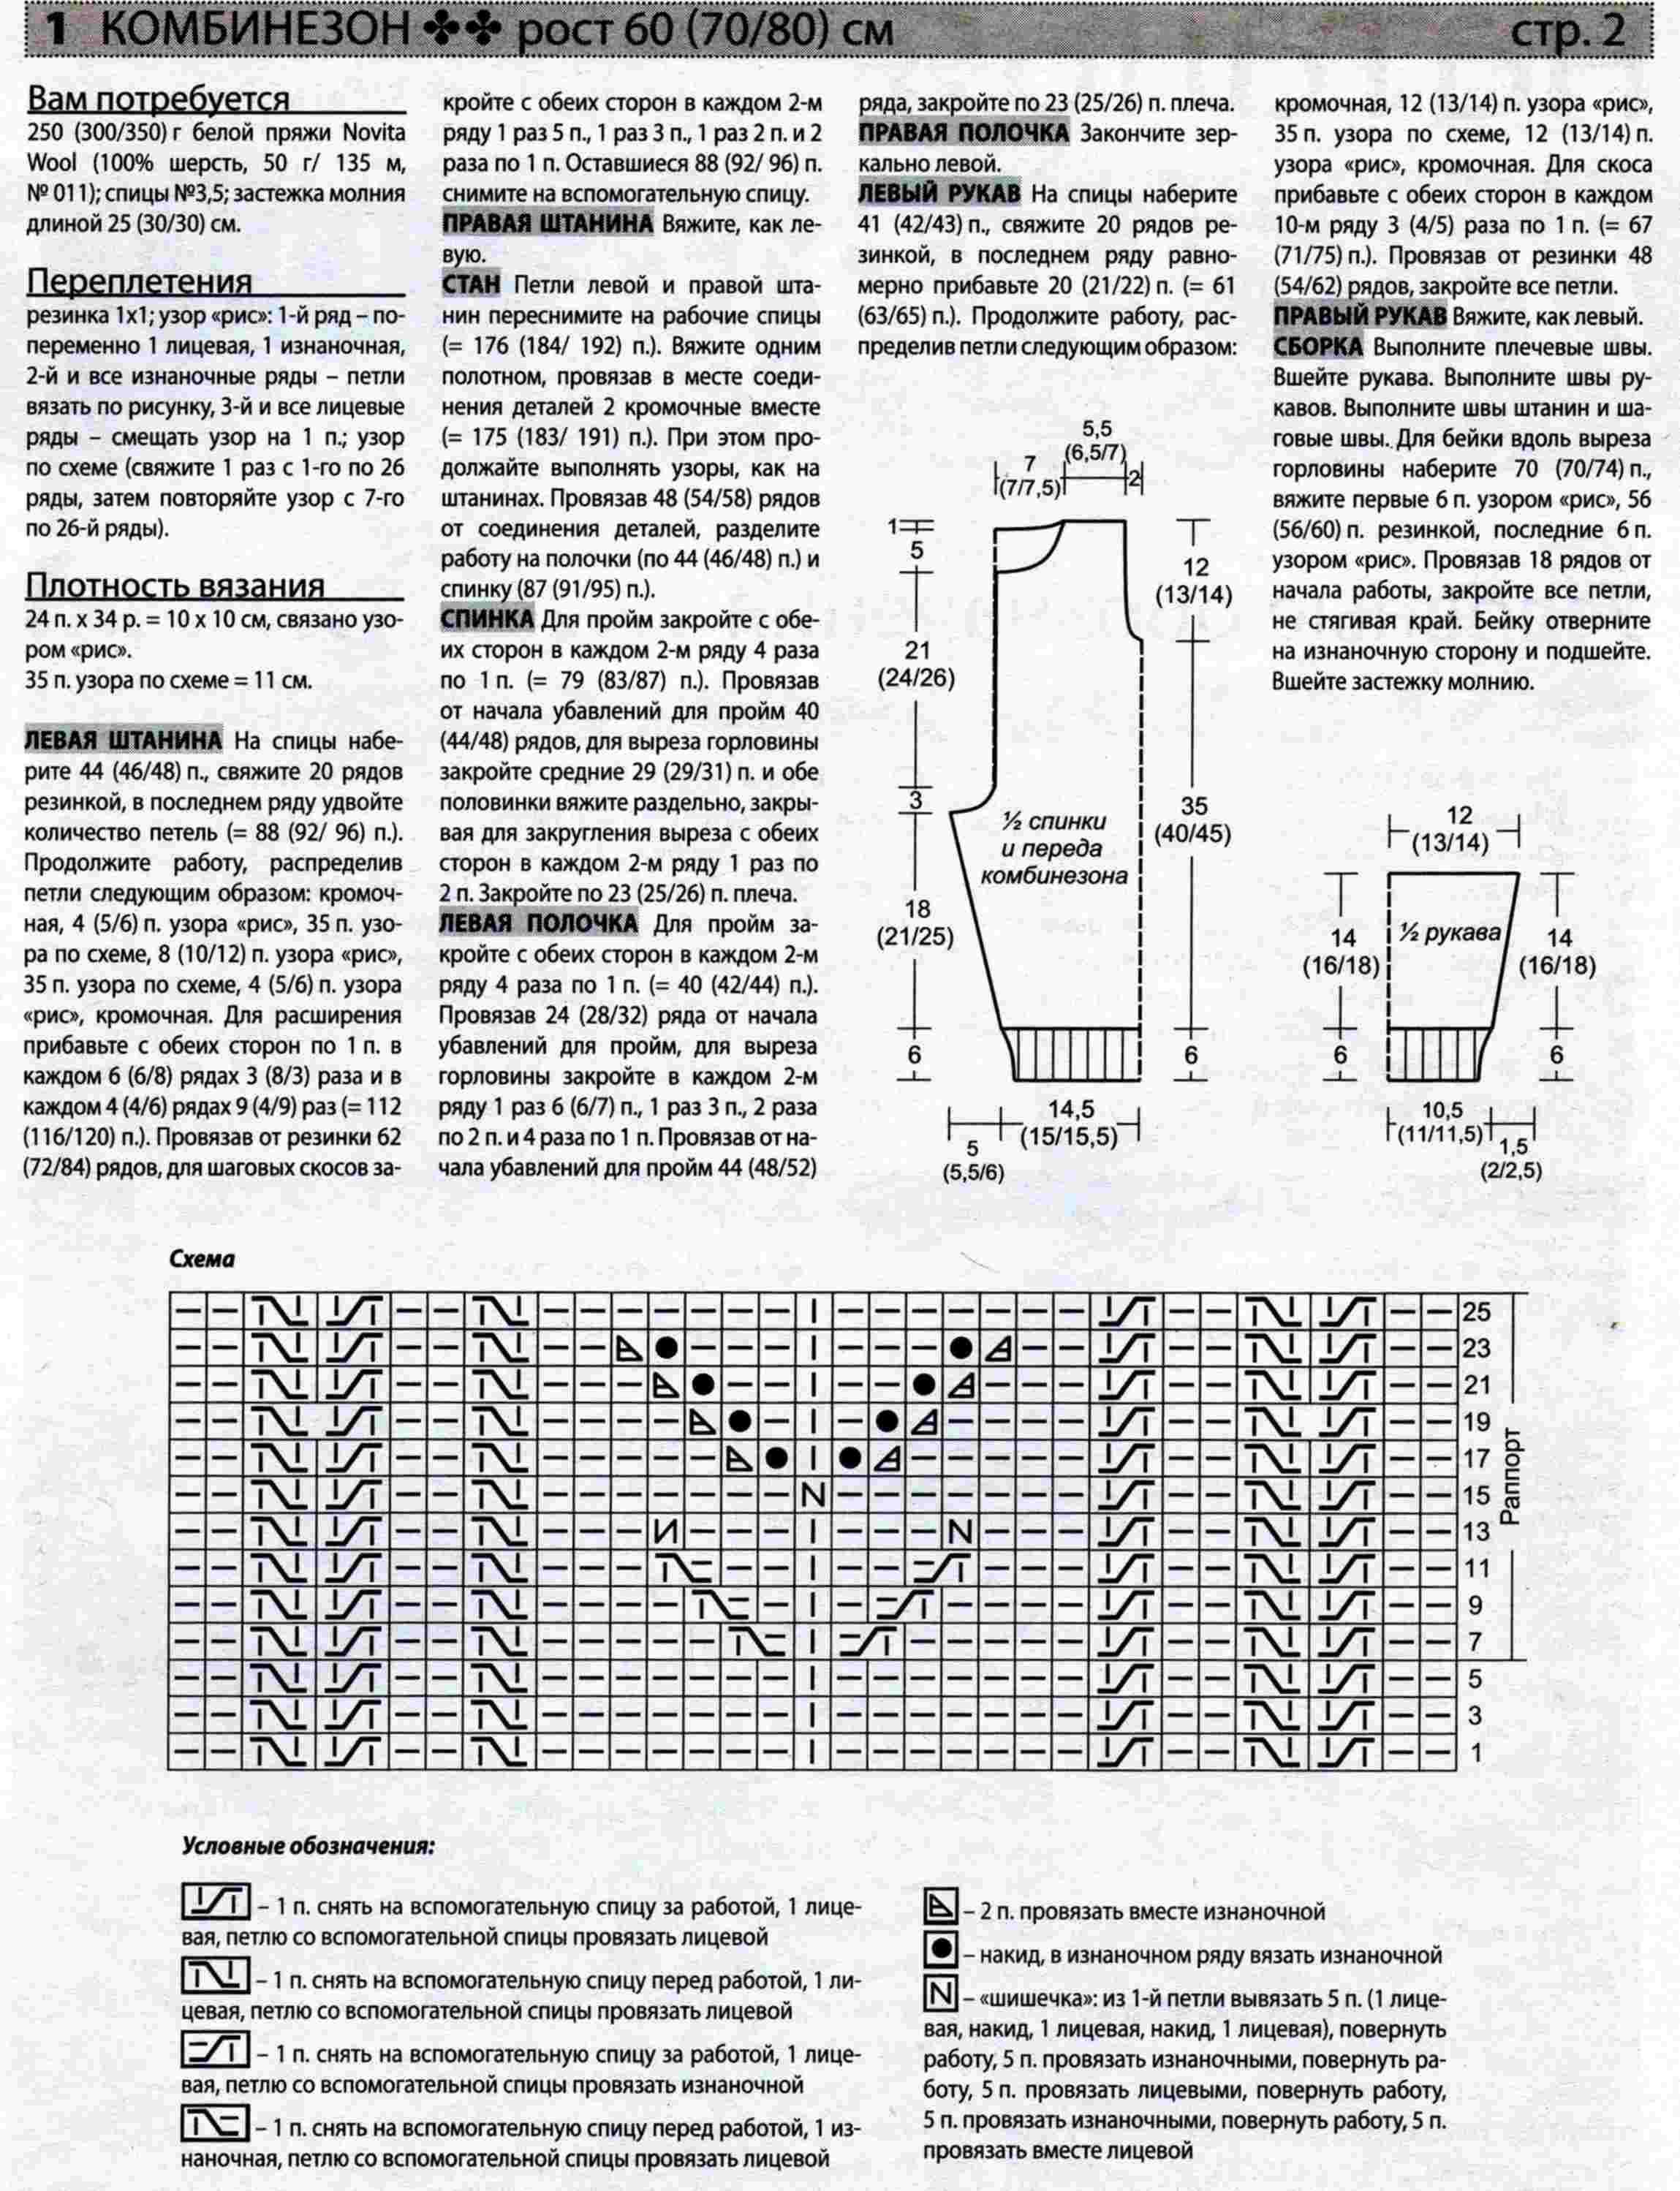 Тельфер устройство и схема